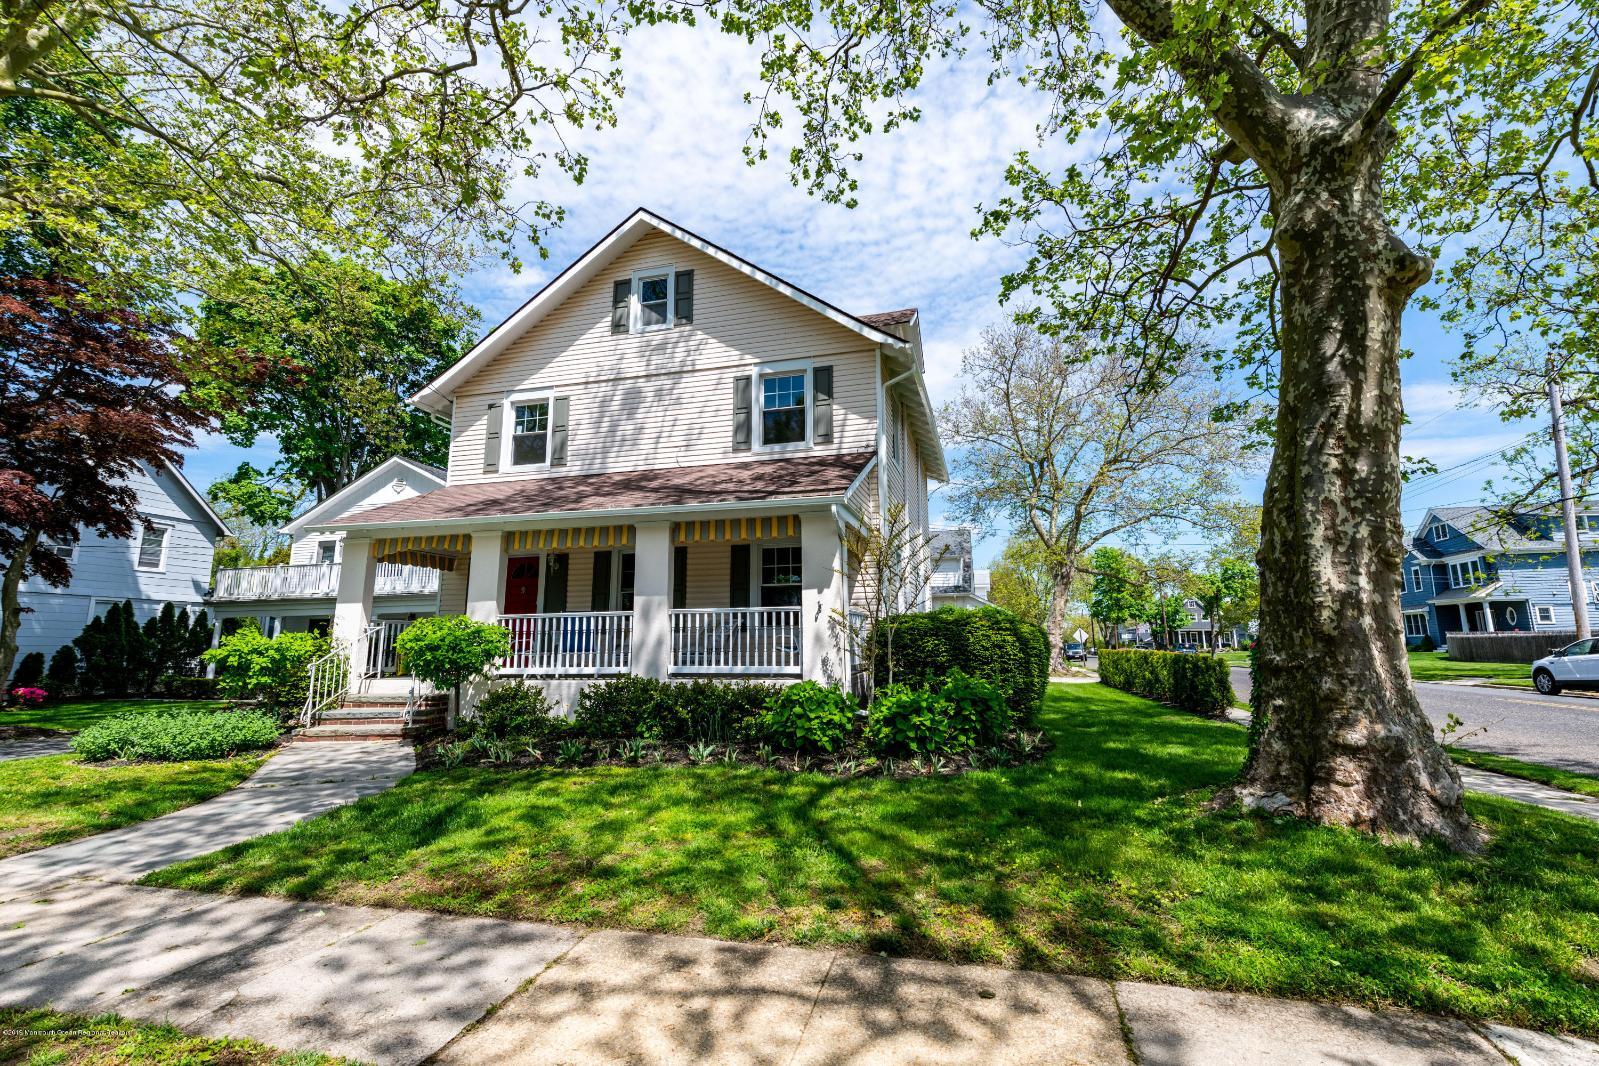 Spring Lake Real Estate — Homes for Sale in Spring Lake NJ — ZipRealty